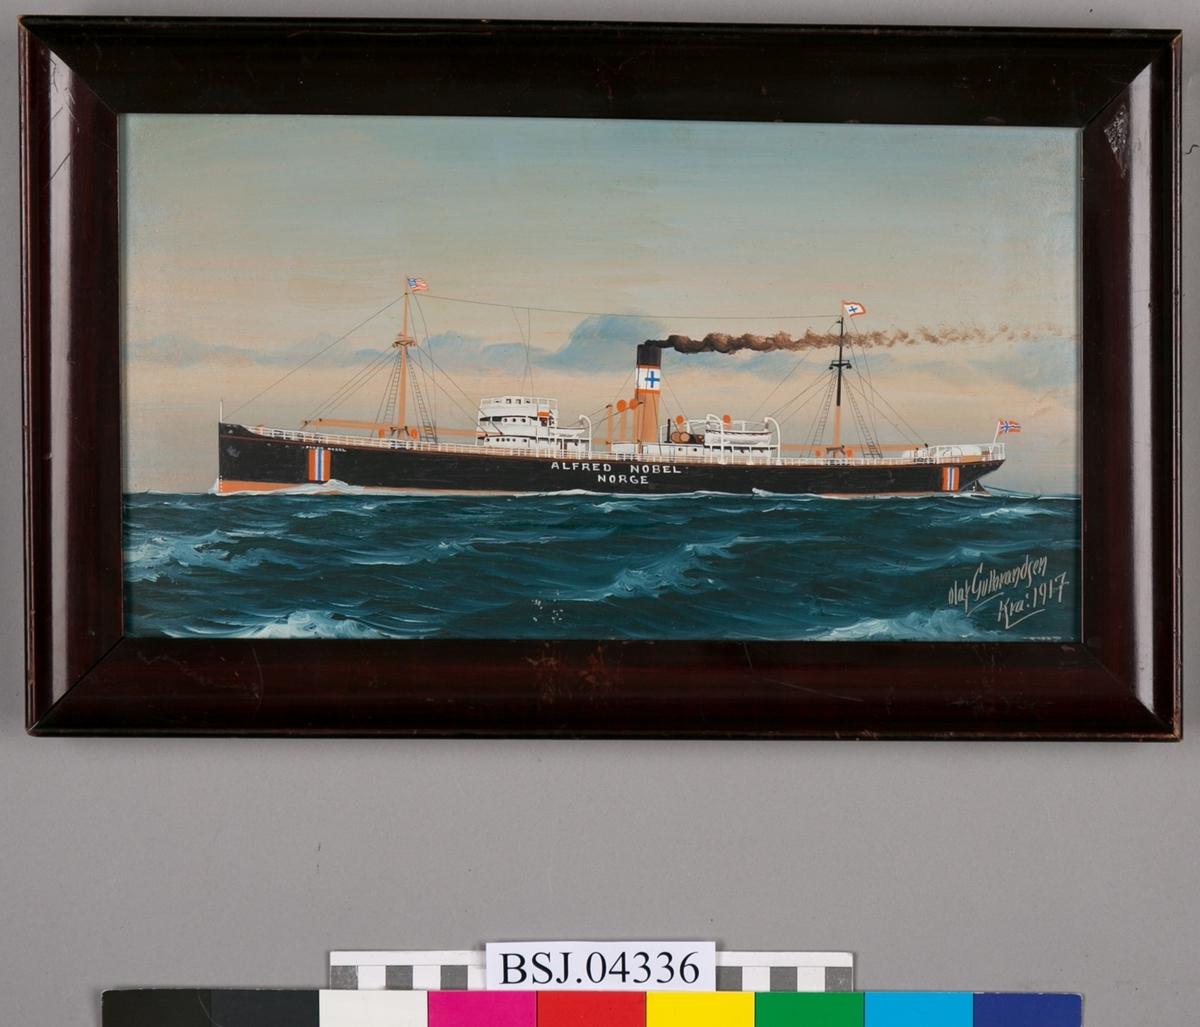 Skipsportrett av DS ALFRED NOBEL under fart i åpen sjø med nasjonalitetsmerke malt på skutesiden samt norsk flagg i akter.